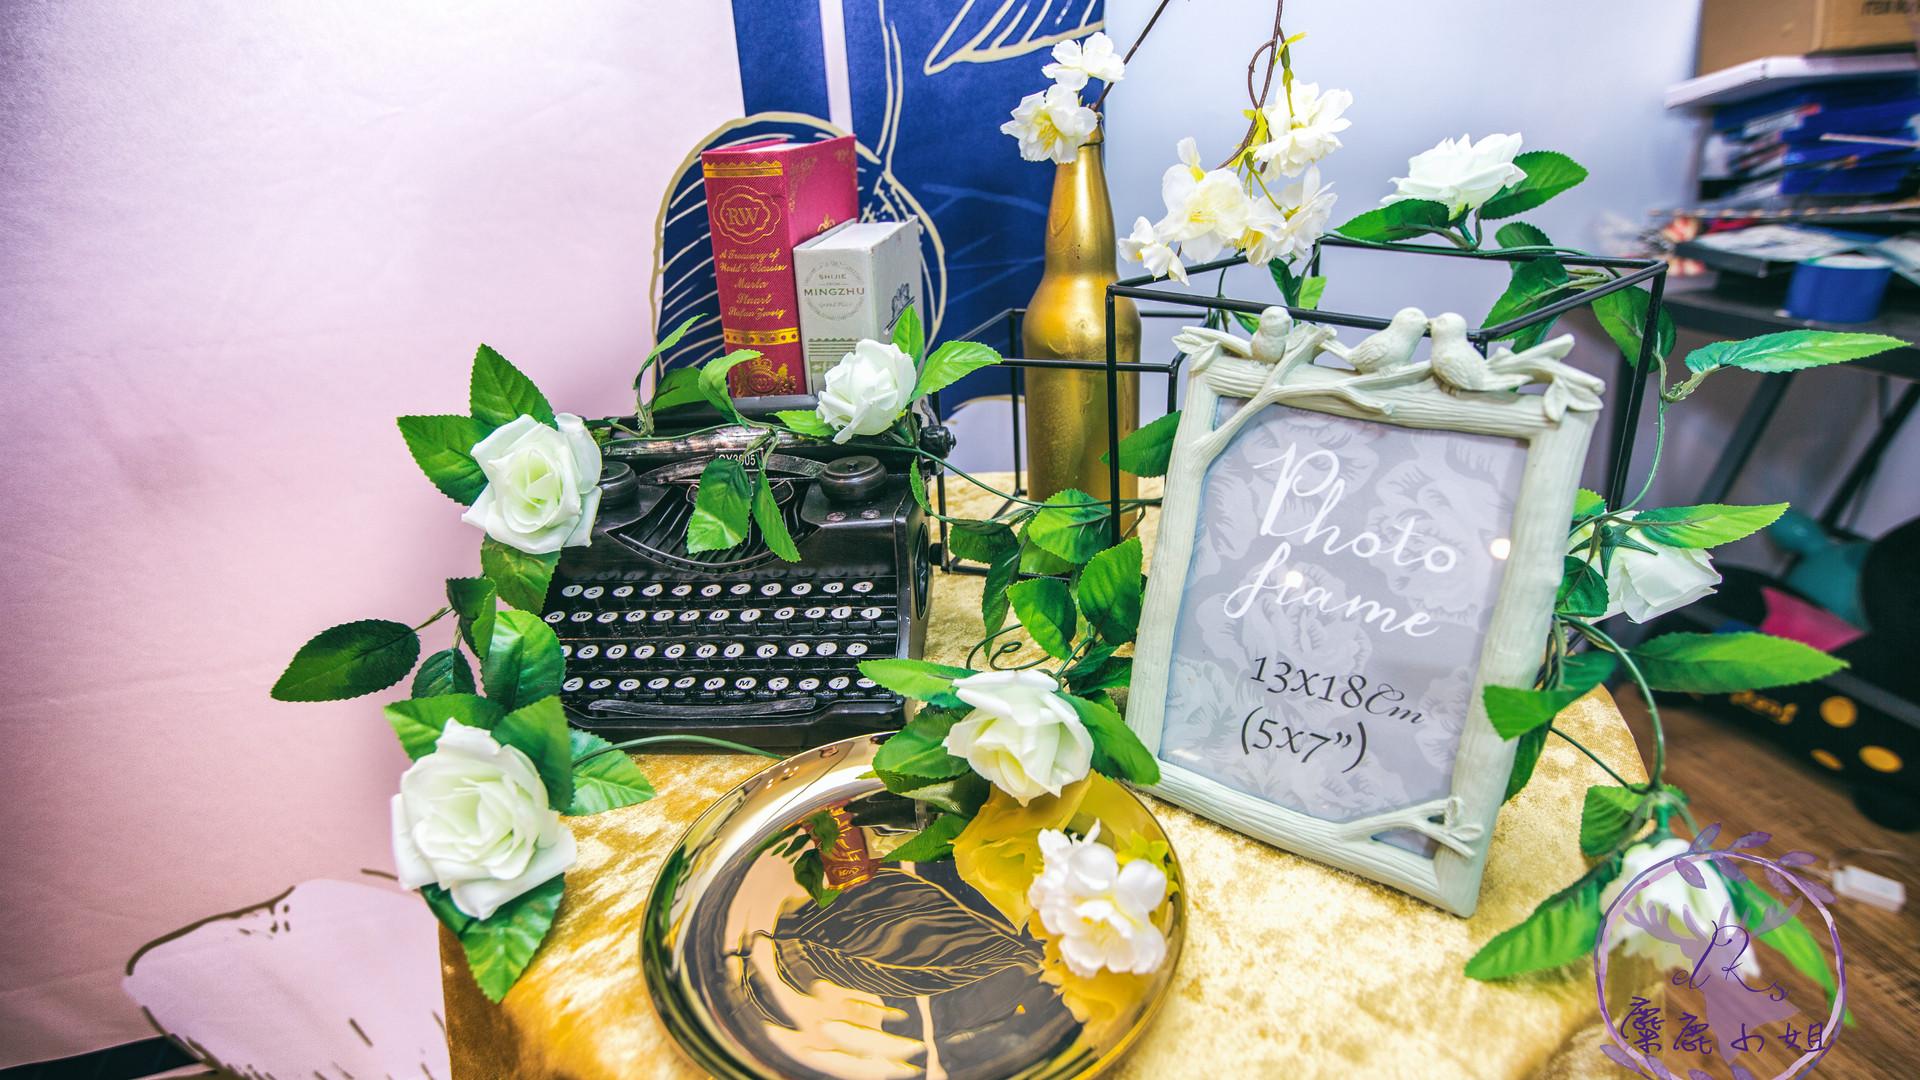 麋鹿小姐 婚禮背板出租 台北婚禮佈置 背板出租  新竹婚禮佈置 苗栗婚禮佈置 高雄婚禮佈置 高雄婚禮背板 英式藍調